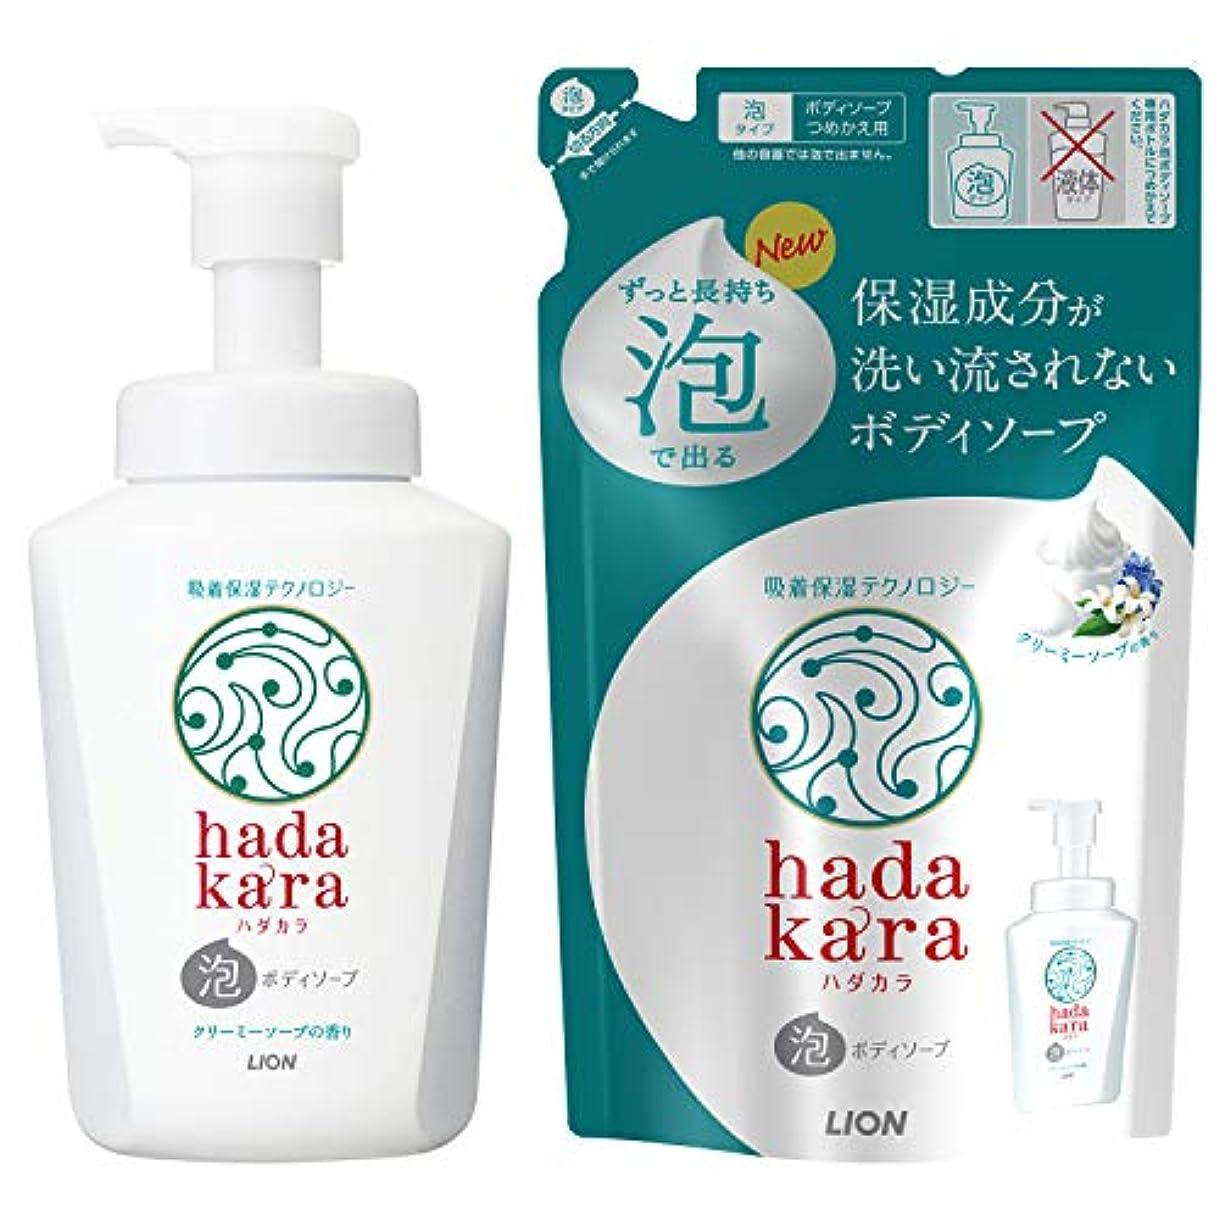 手入れロンドン場合hadakara(ハダカラ) ボディソープ 泡タイプ クリーミーソープの香り 本体550ml+詰替440ml 1